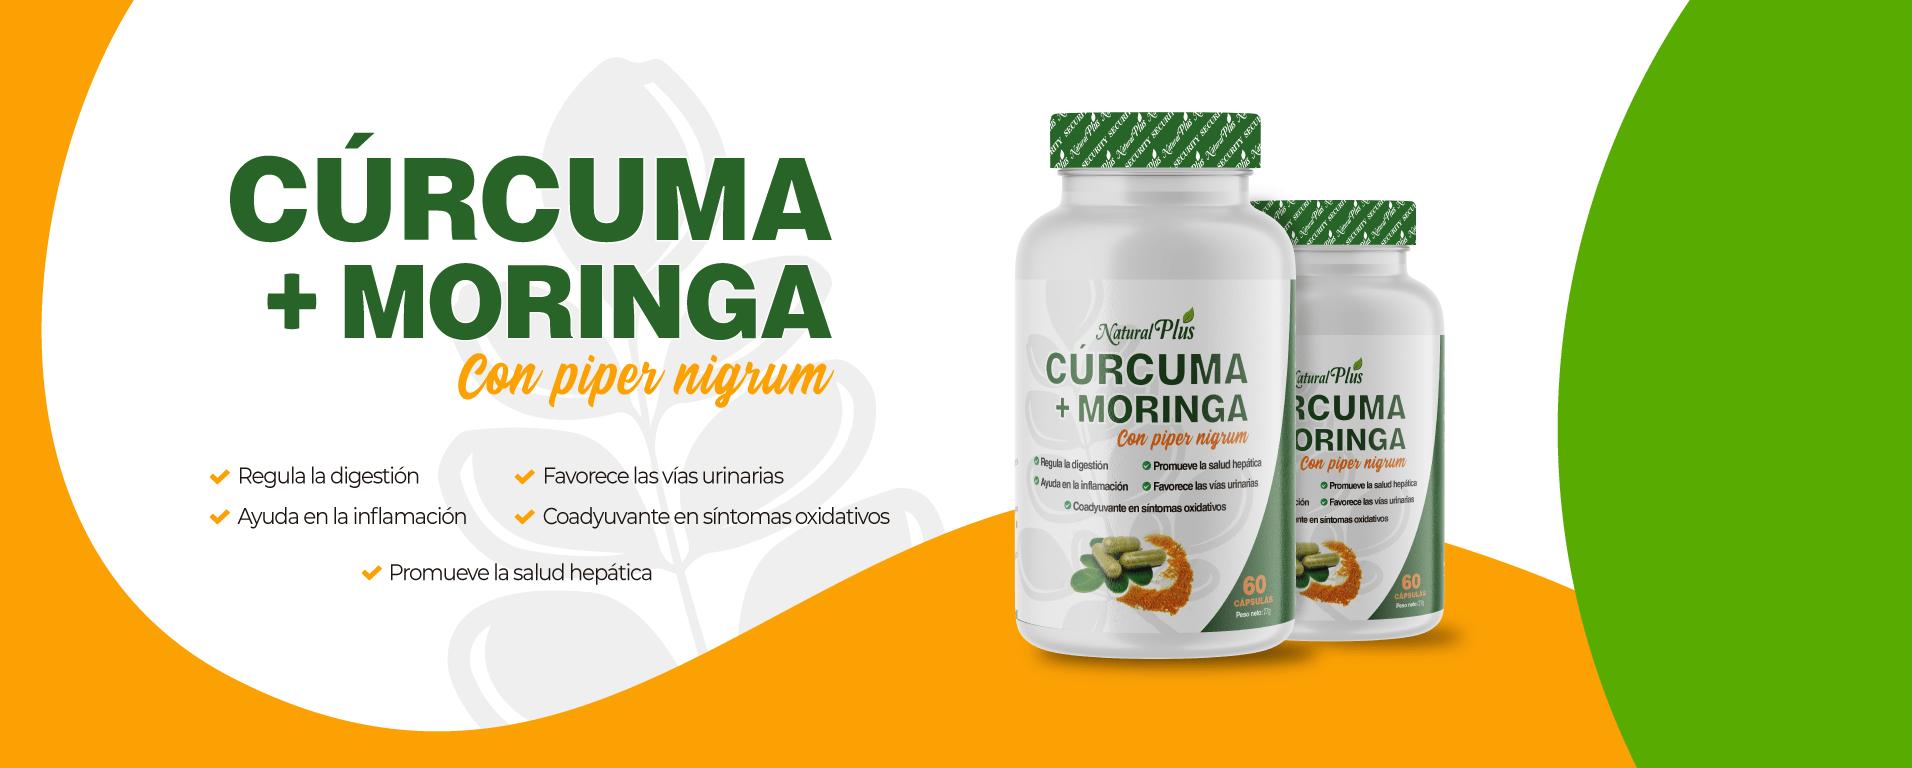 banner_curcuma